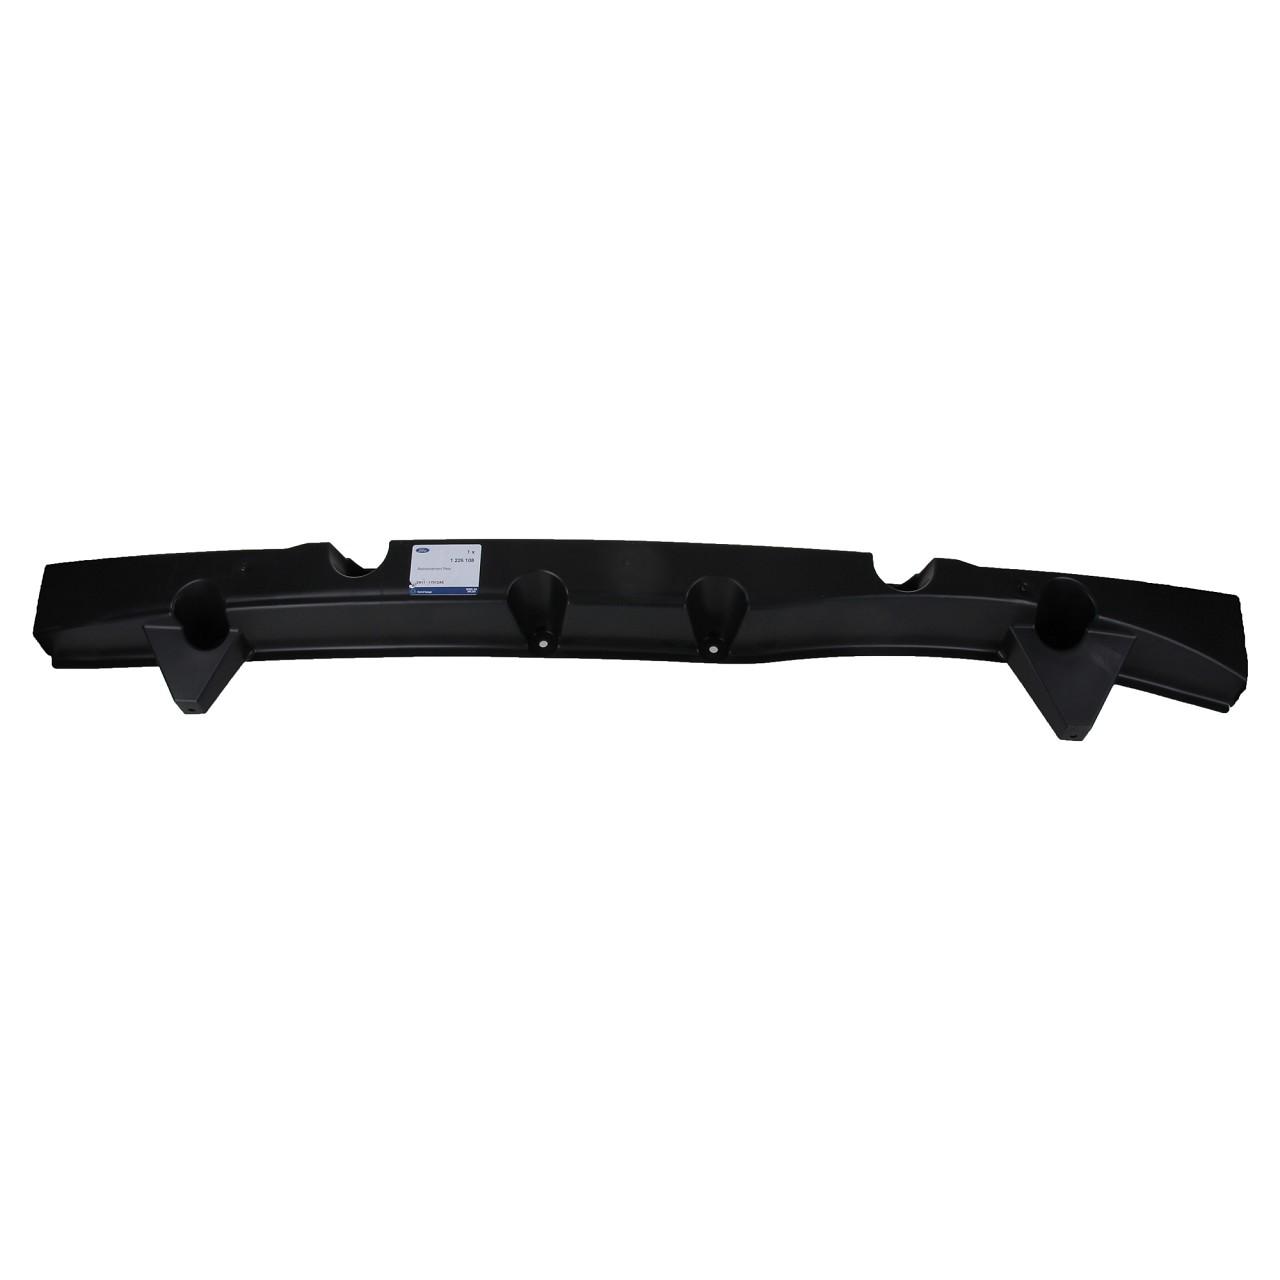 ORIGINAL Ford Aufprallschutz Aufpralldämpfer Stoßstange FUSION hinten 1226108